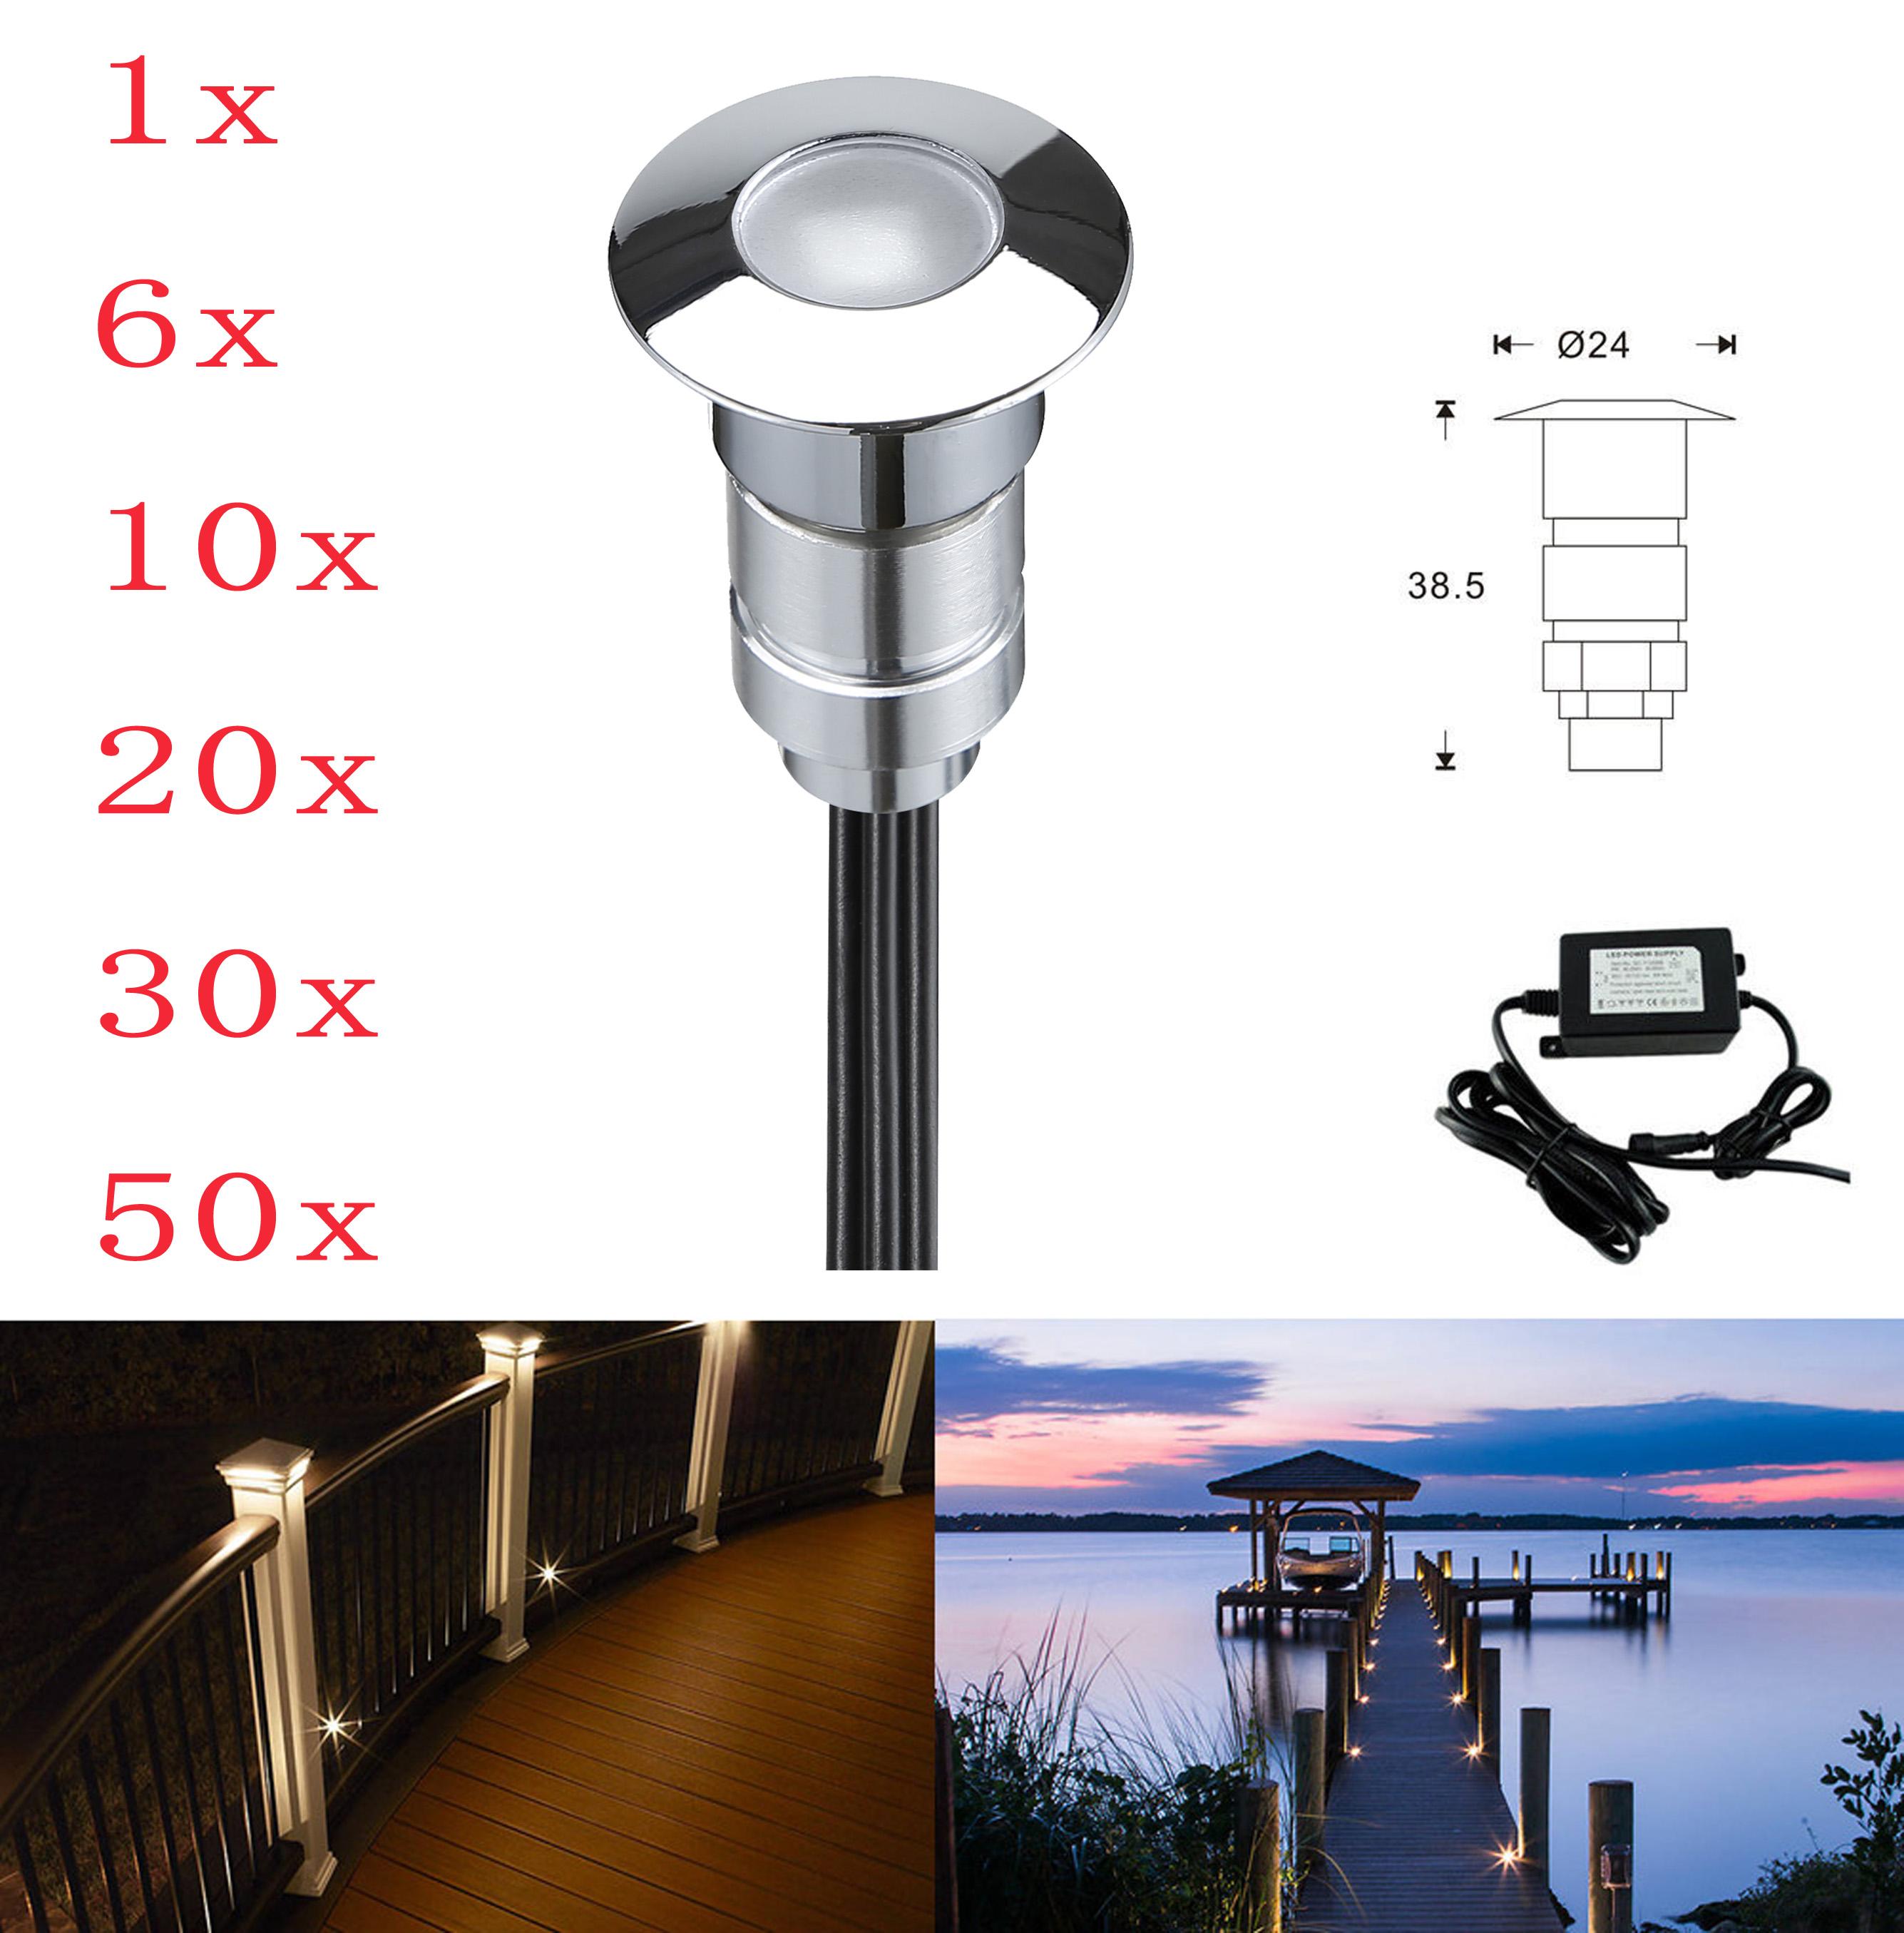 1 30pcs 24mm led lampe lumi re clairage spot terrasse exterieur maison jardin ebay for Eclairage jardin enterre